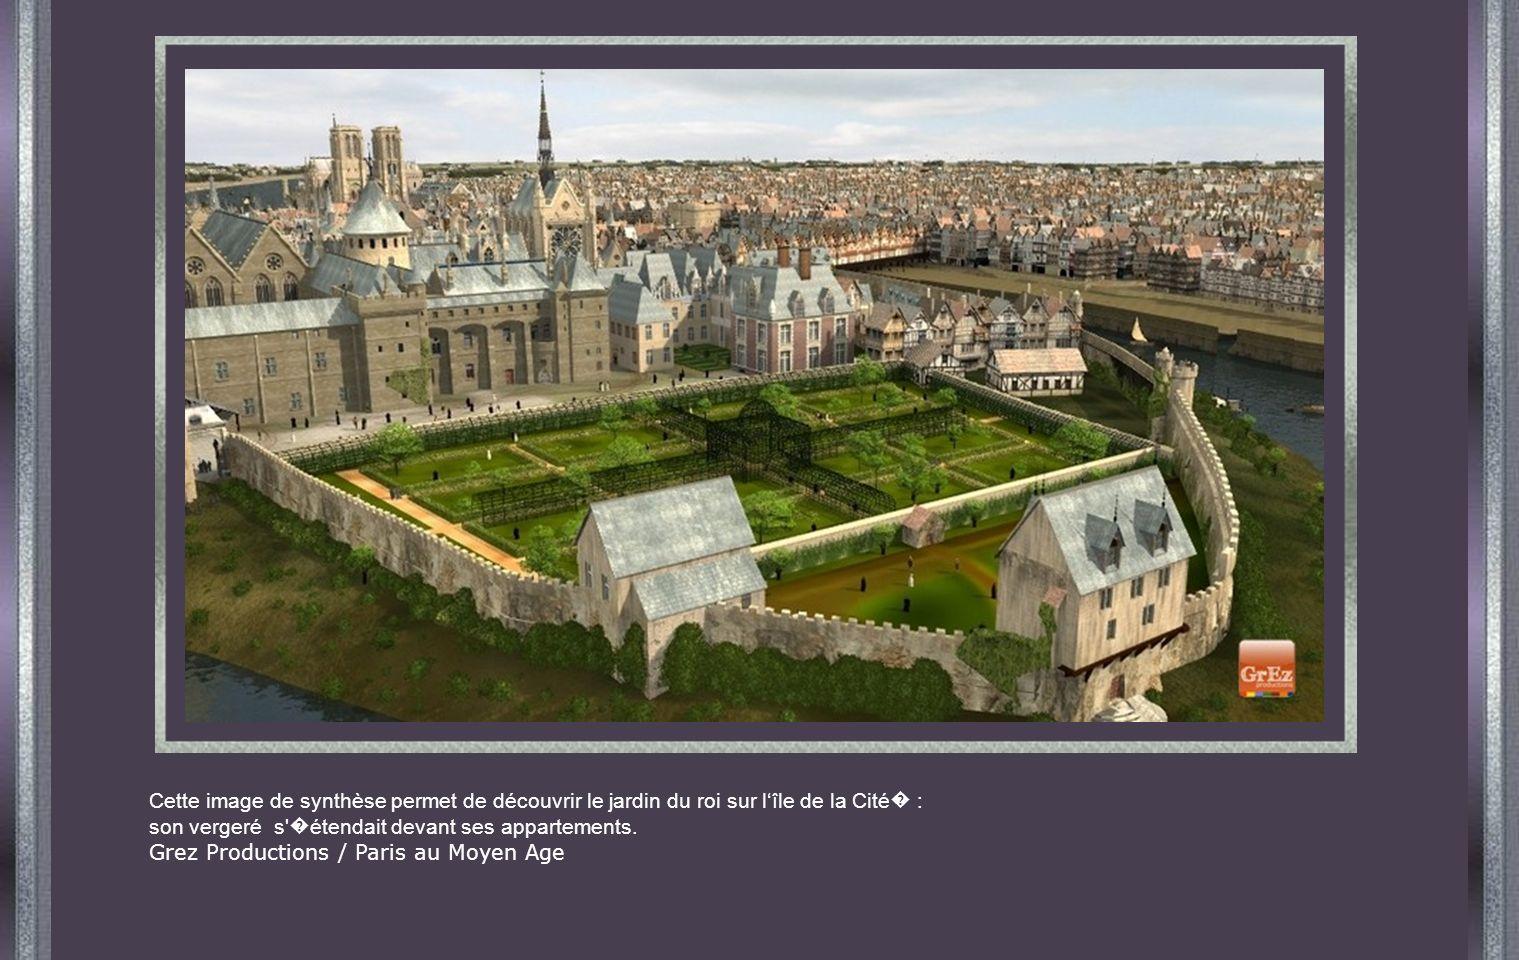 Cette image de synthèse permet de découvrir le jardin du roi sur l'île de la Cité� :